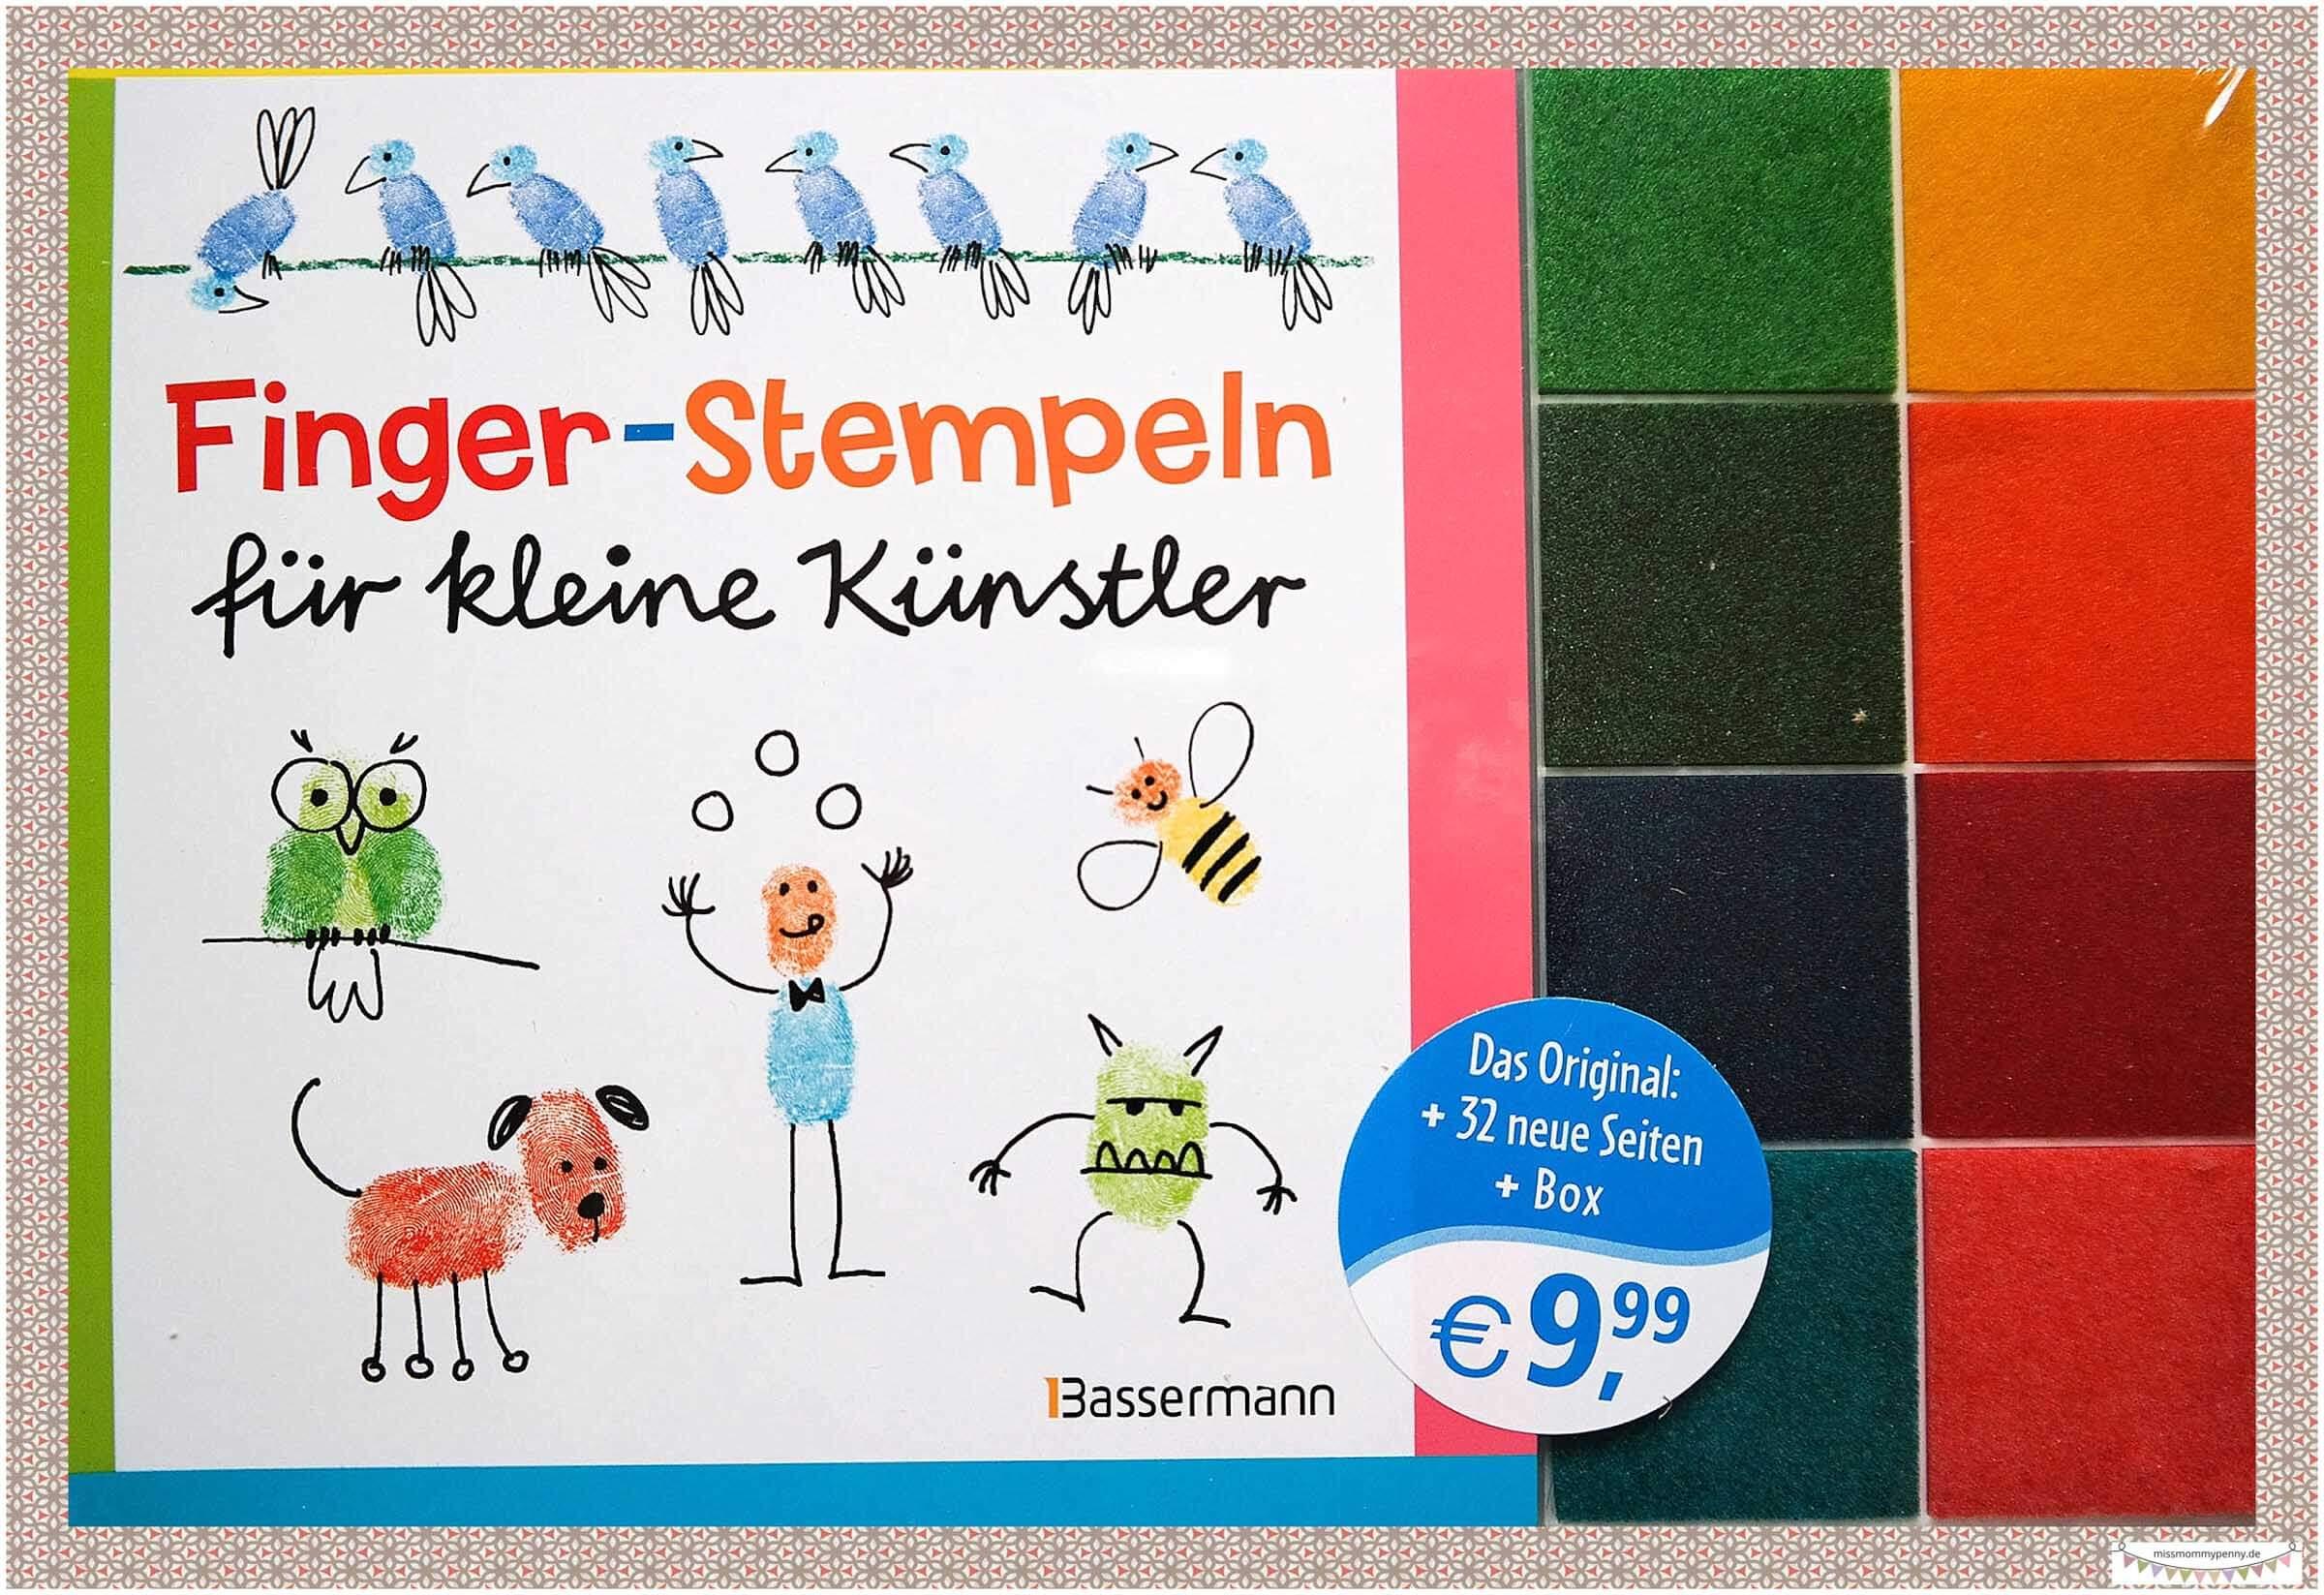 Finger-Stempeln Ravensburger-3